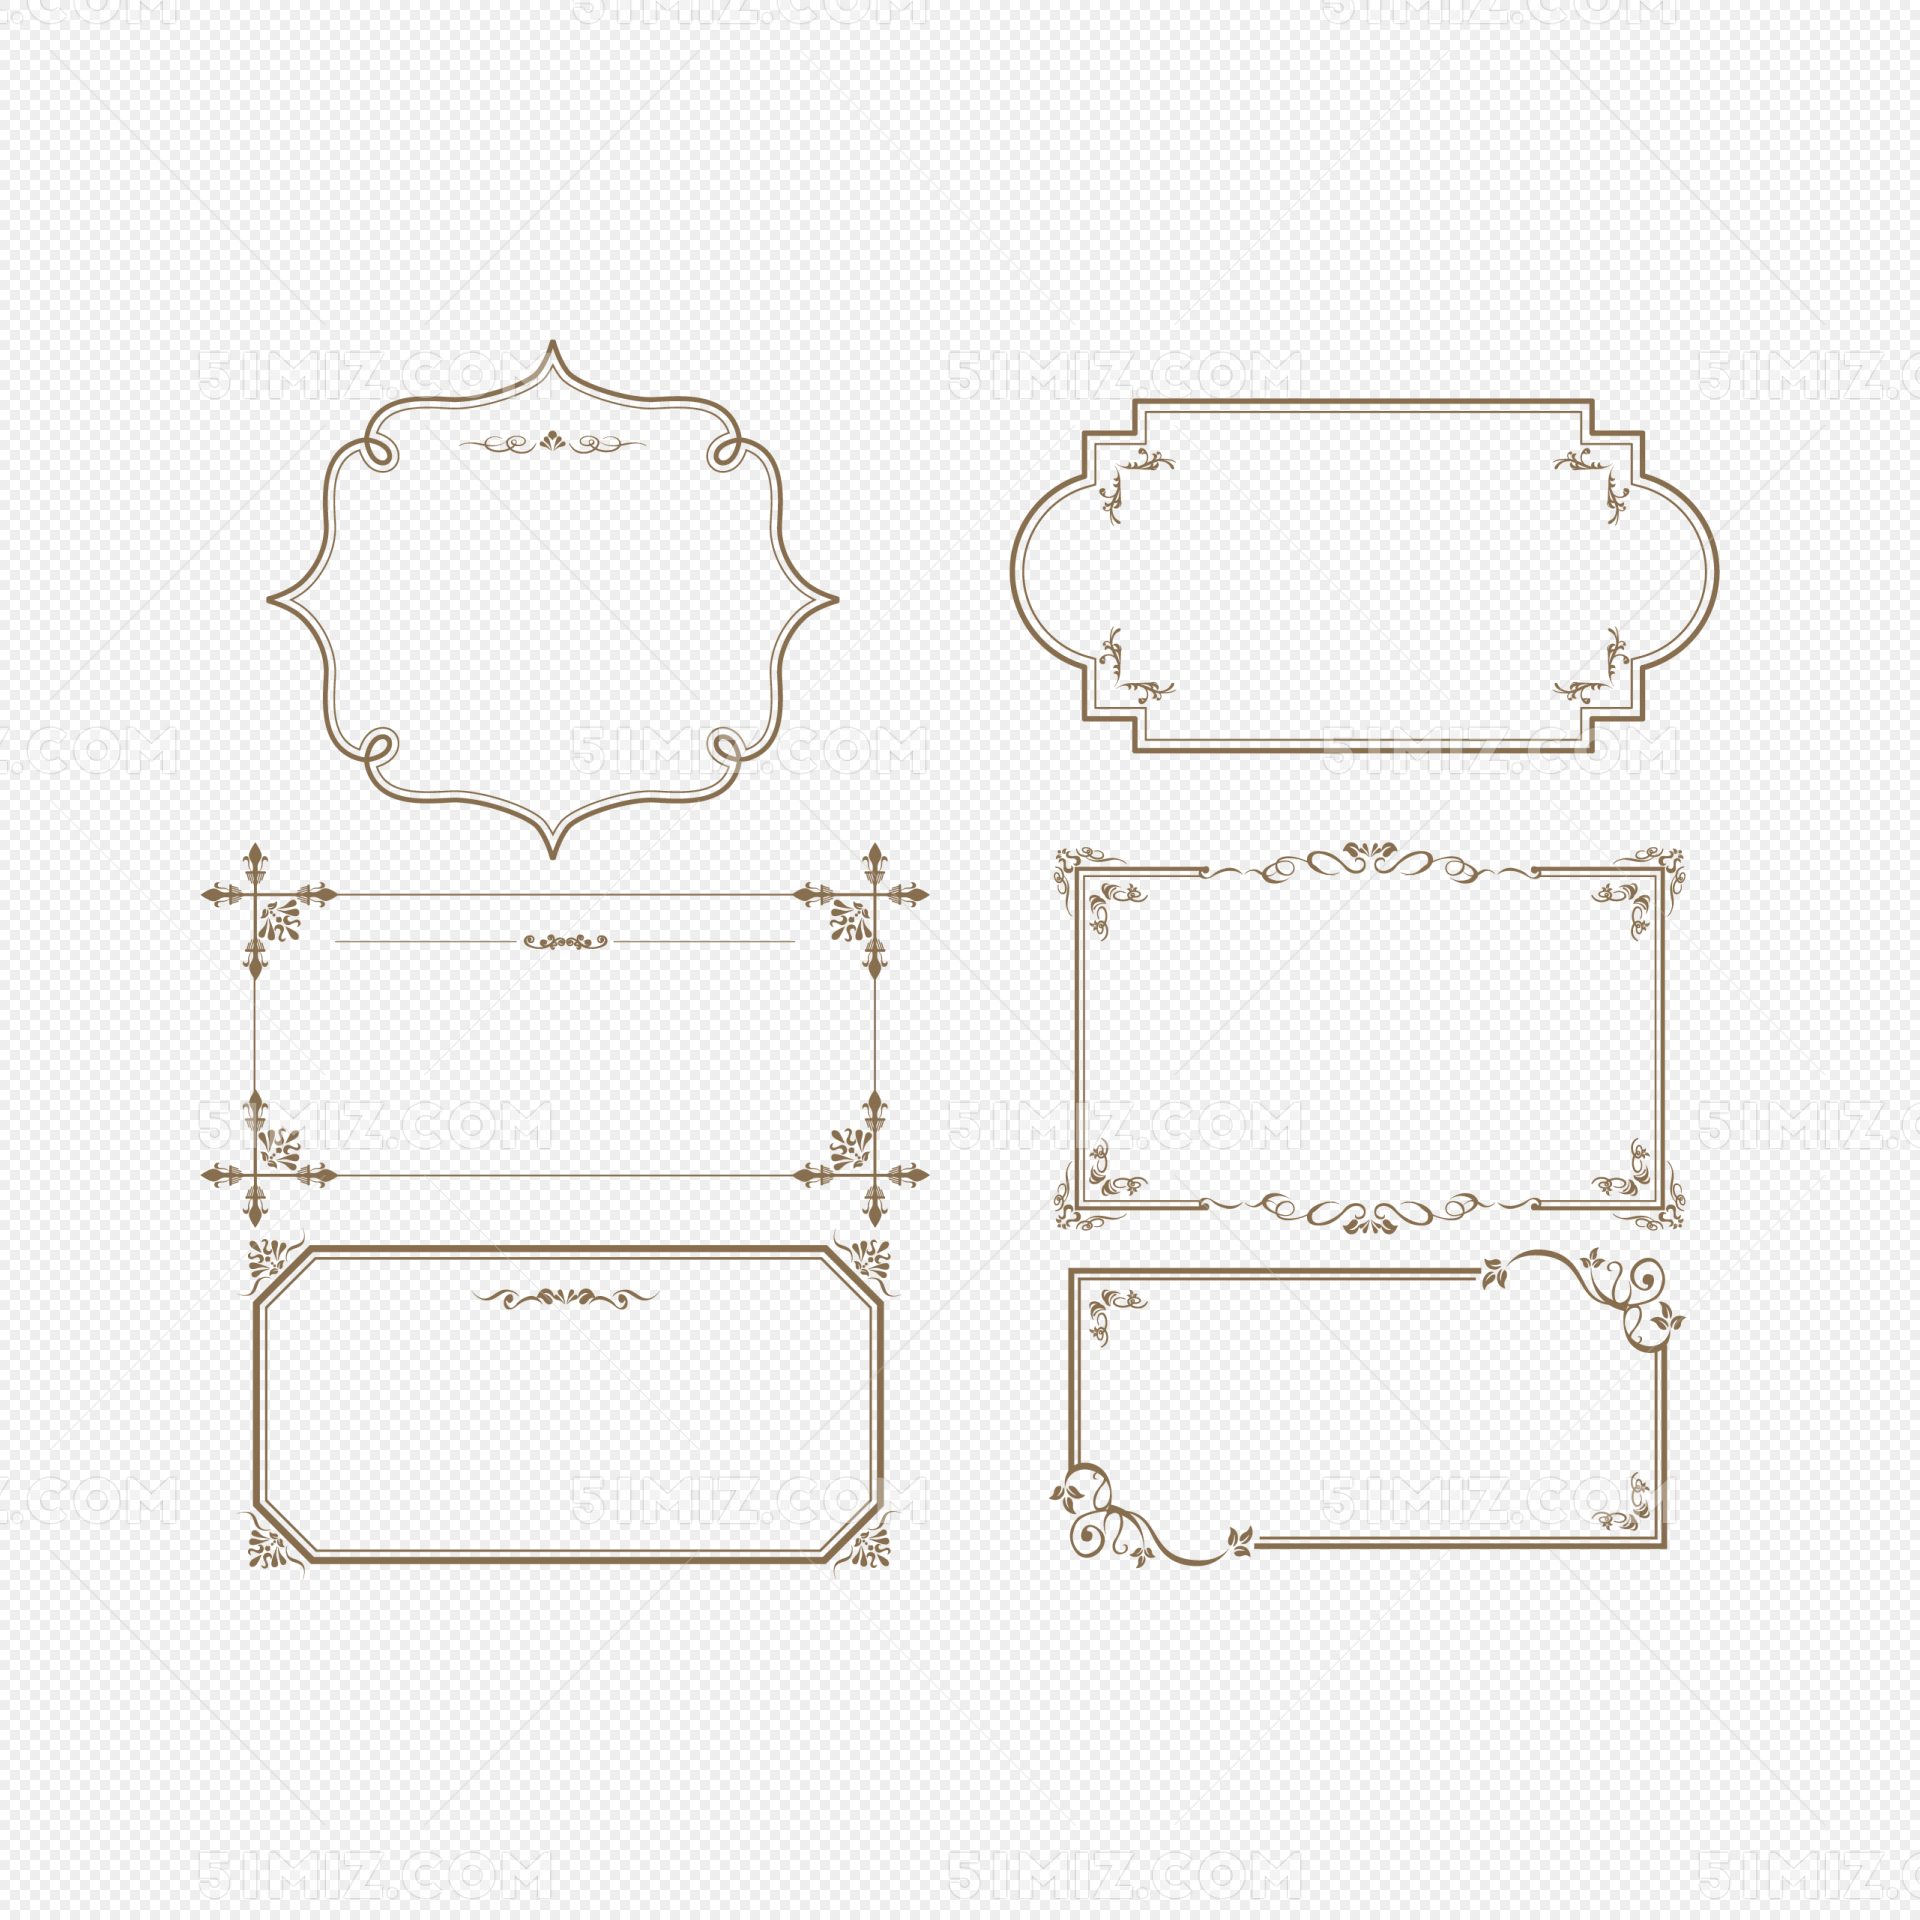 欧式花纹边框素材免费下载_png素材_觅知网